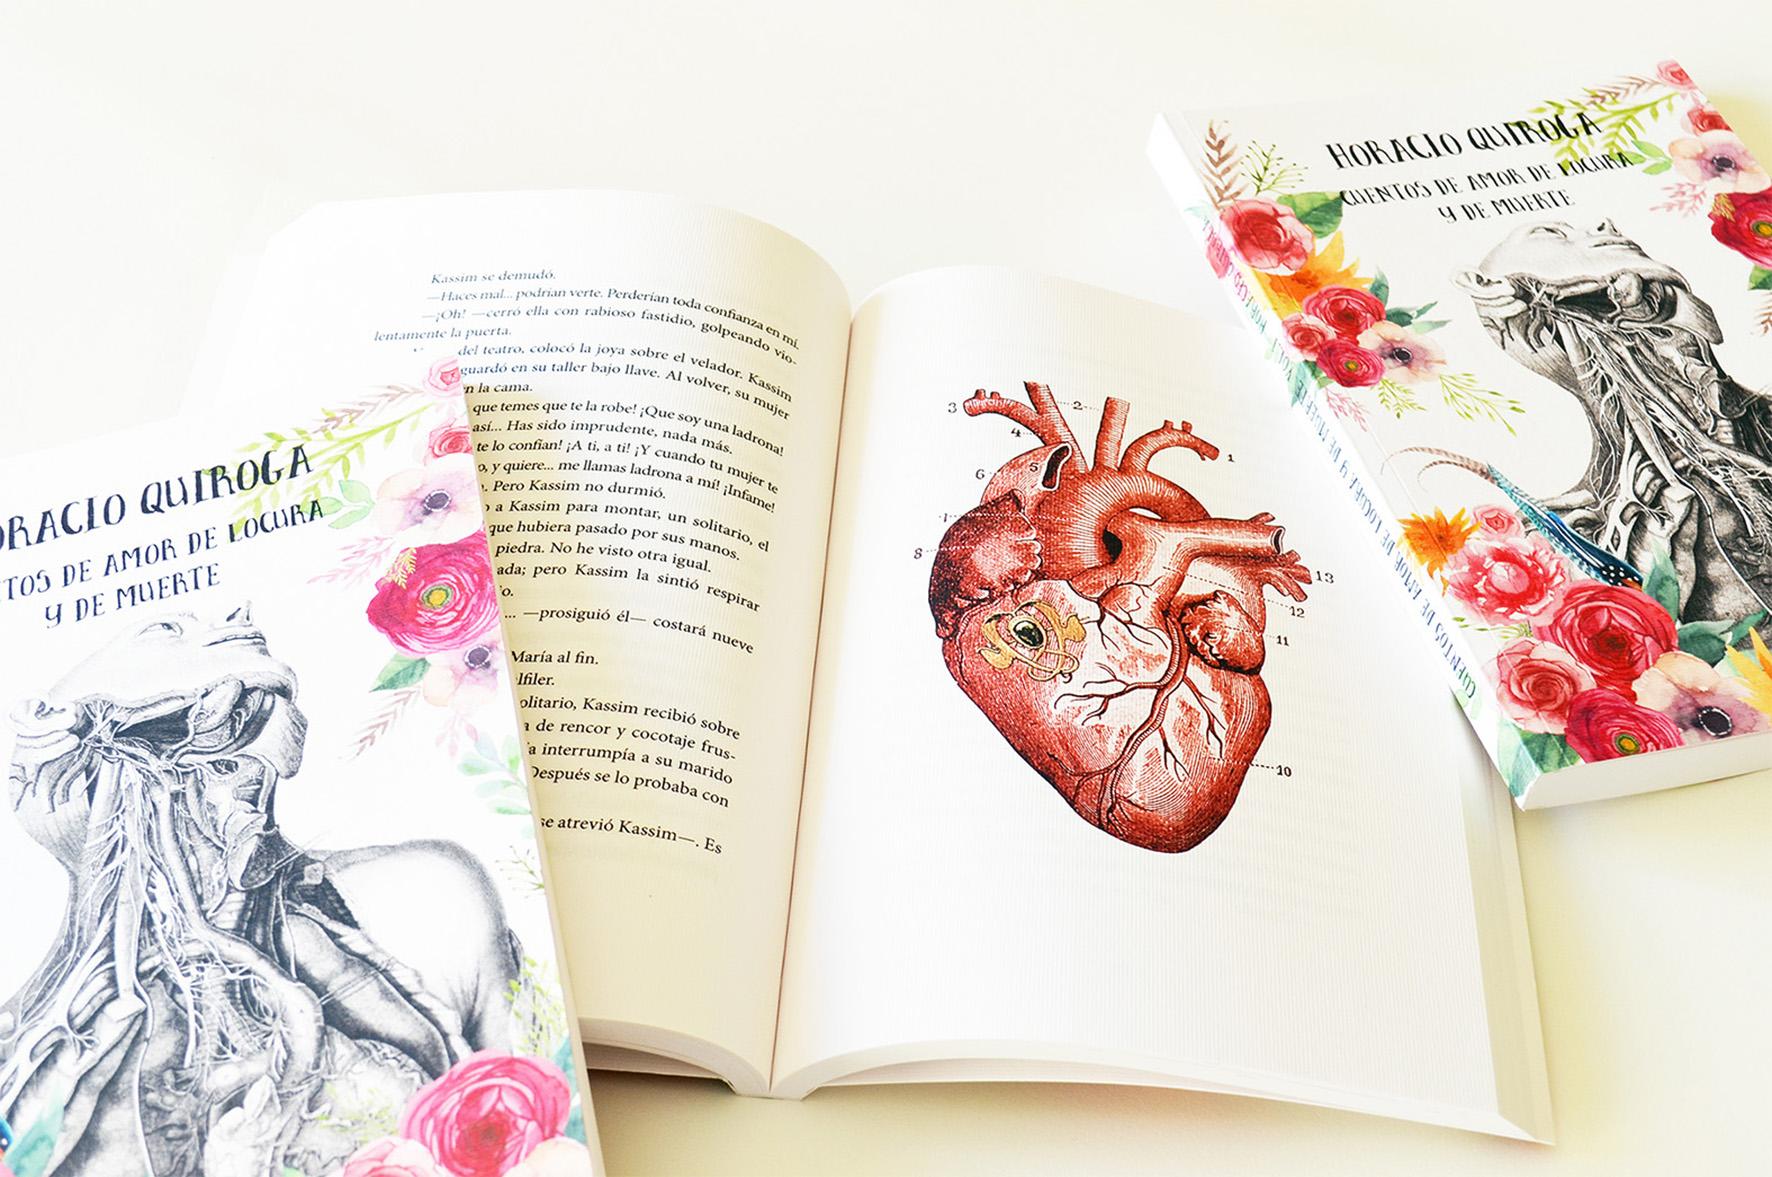 Cuentos de amor de locura y de muerte - Uve Books